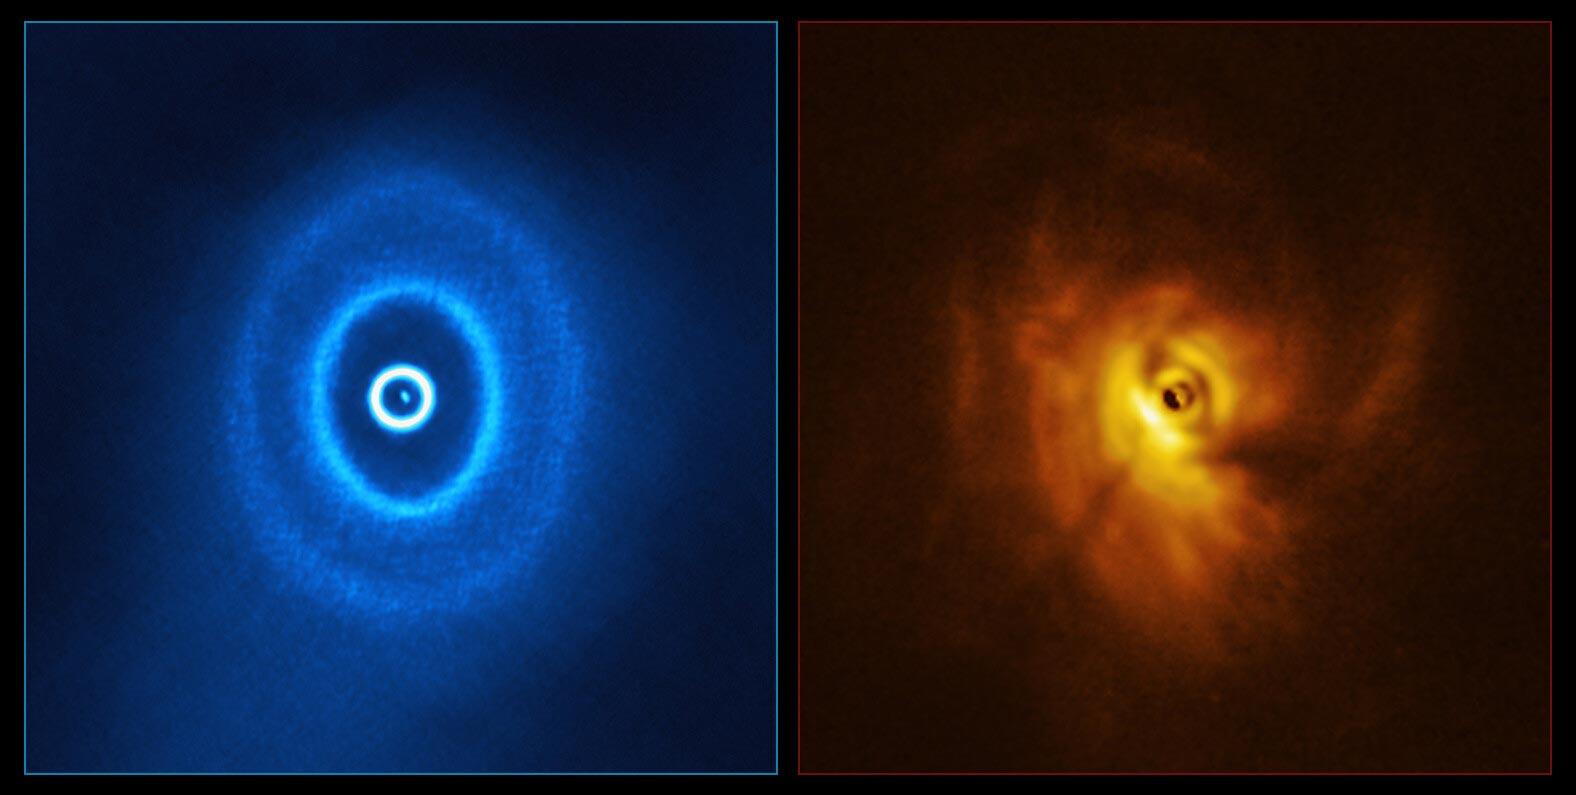 GW Orionis. ALMA (ESO/NAOJ/NRAO), ESO/Exeter/Kraus et al.